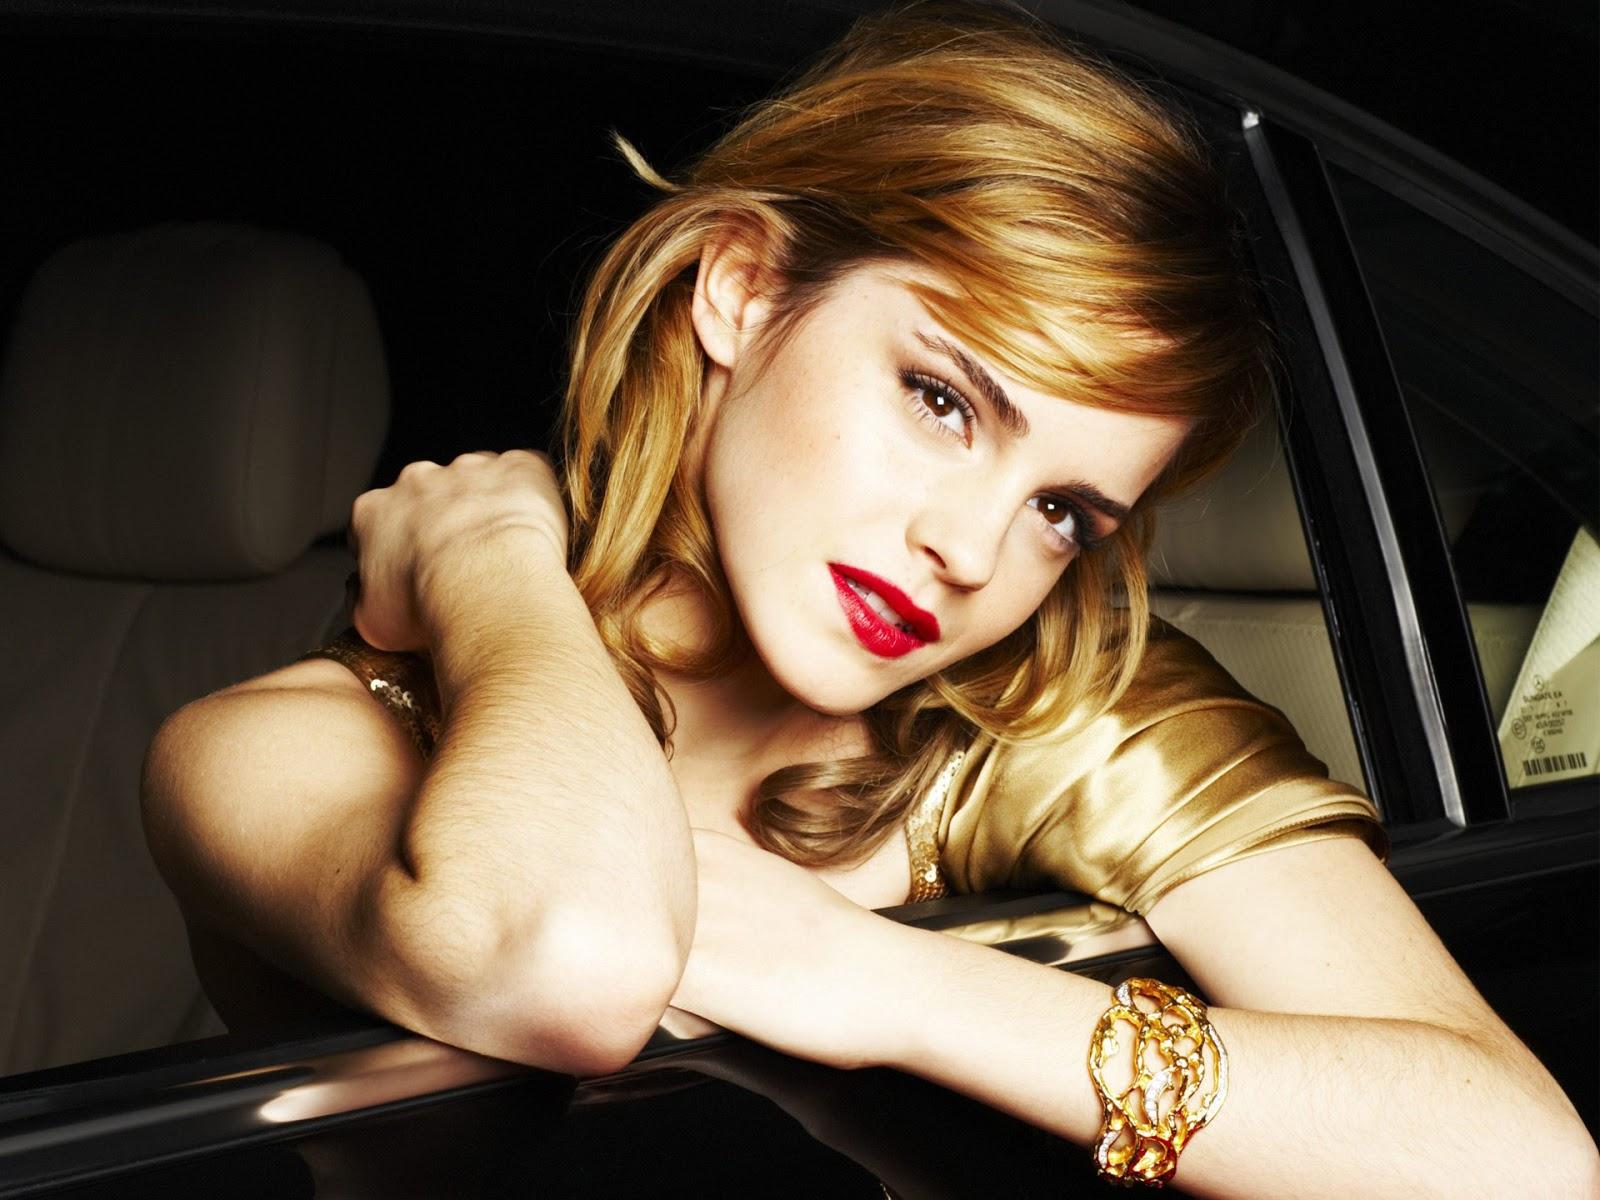 एमा वाटसन के बारे में रोचक तथ्य | Facts of Emma Watson